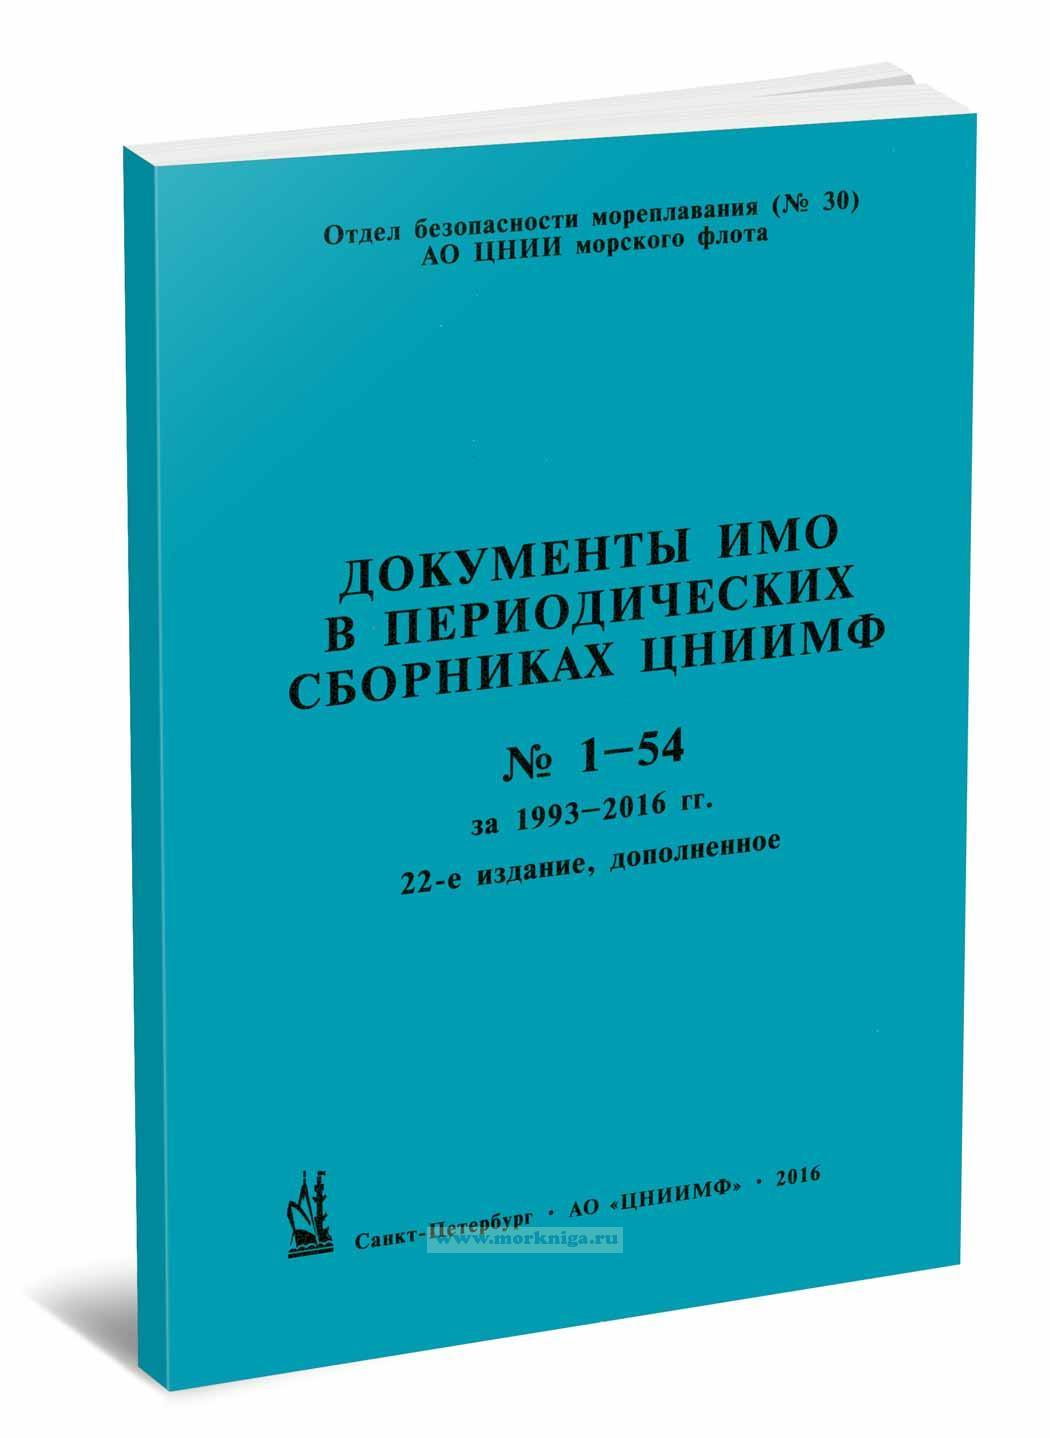 Документы ИМО в периодических сборниках  ЦНИИМФ № 1-54 за 1993-2016 г.г. (22- е издание, дополненное)